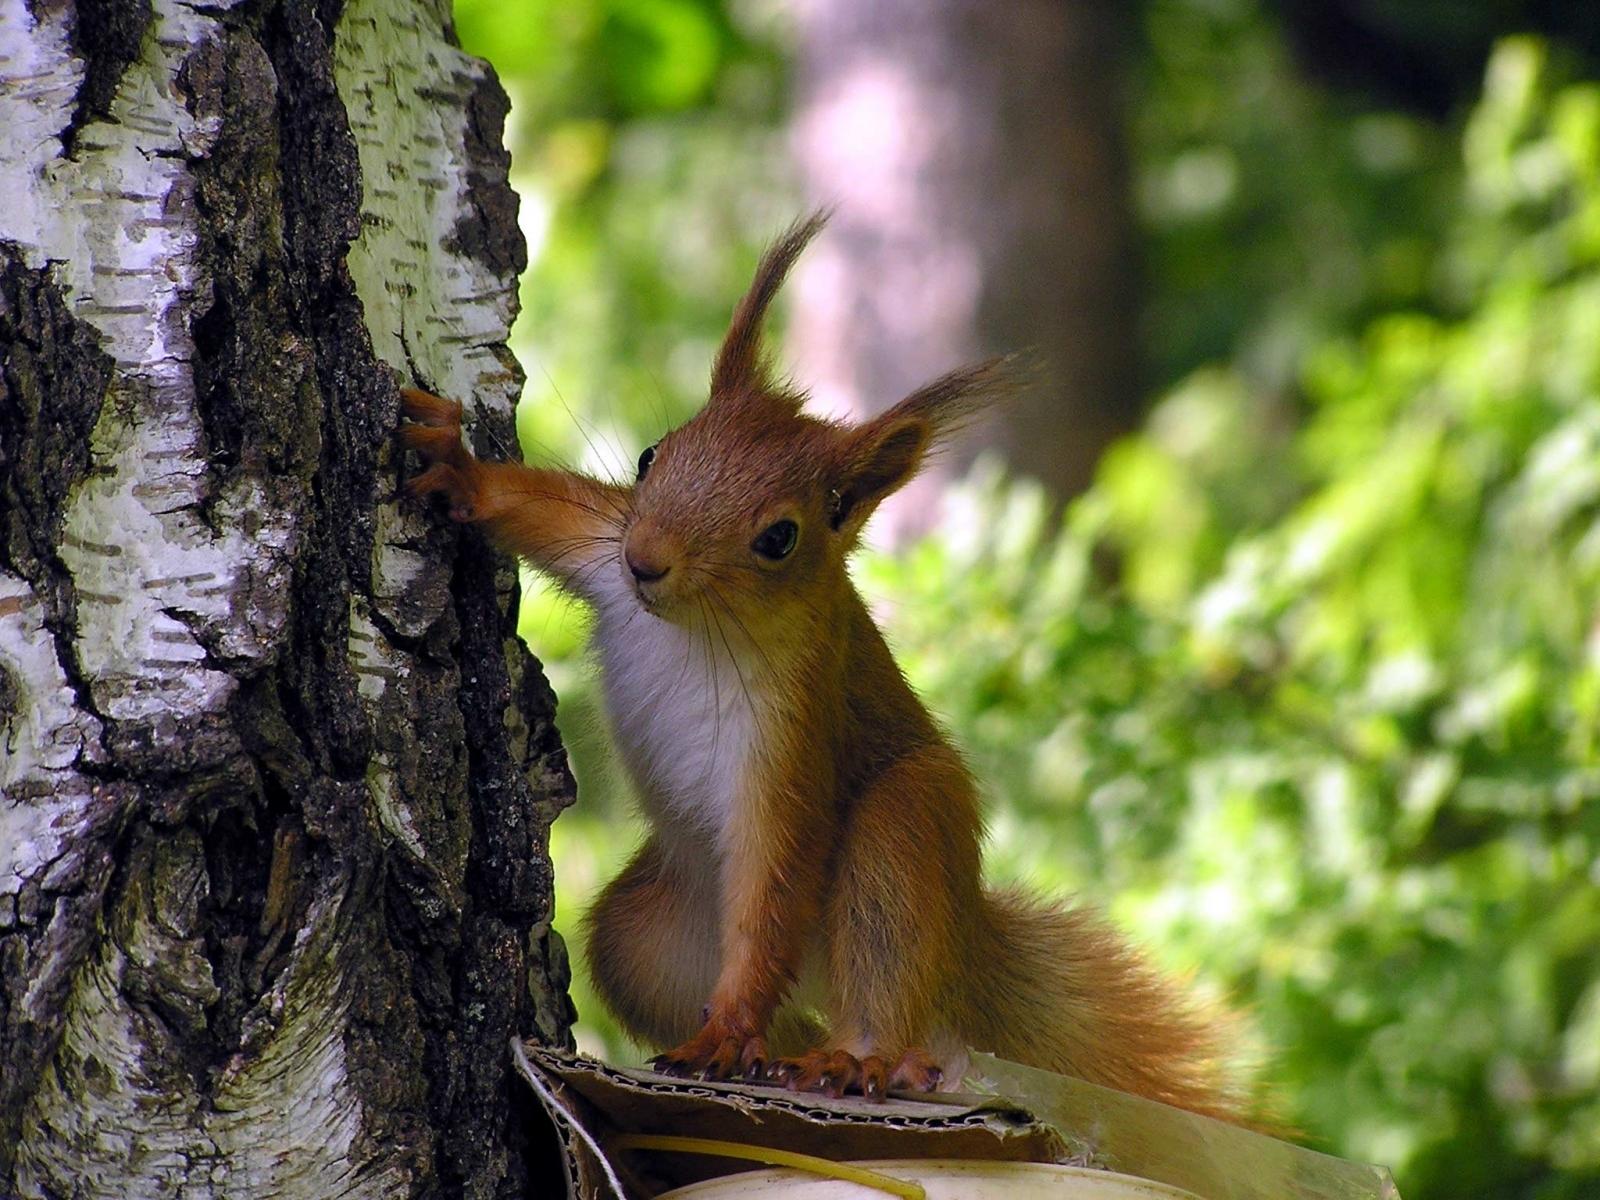 2981 Hintergrundbild herunterladen Tiere, Eichhörnchen, Nagetiere - Bildschirmschoner und Bilder kostenlos